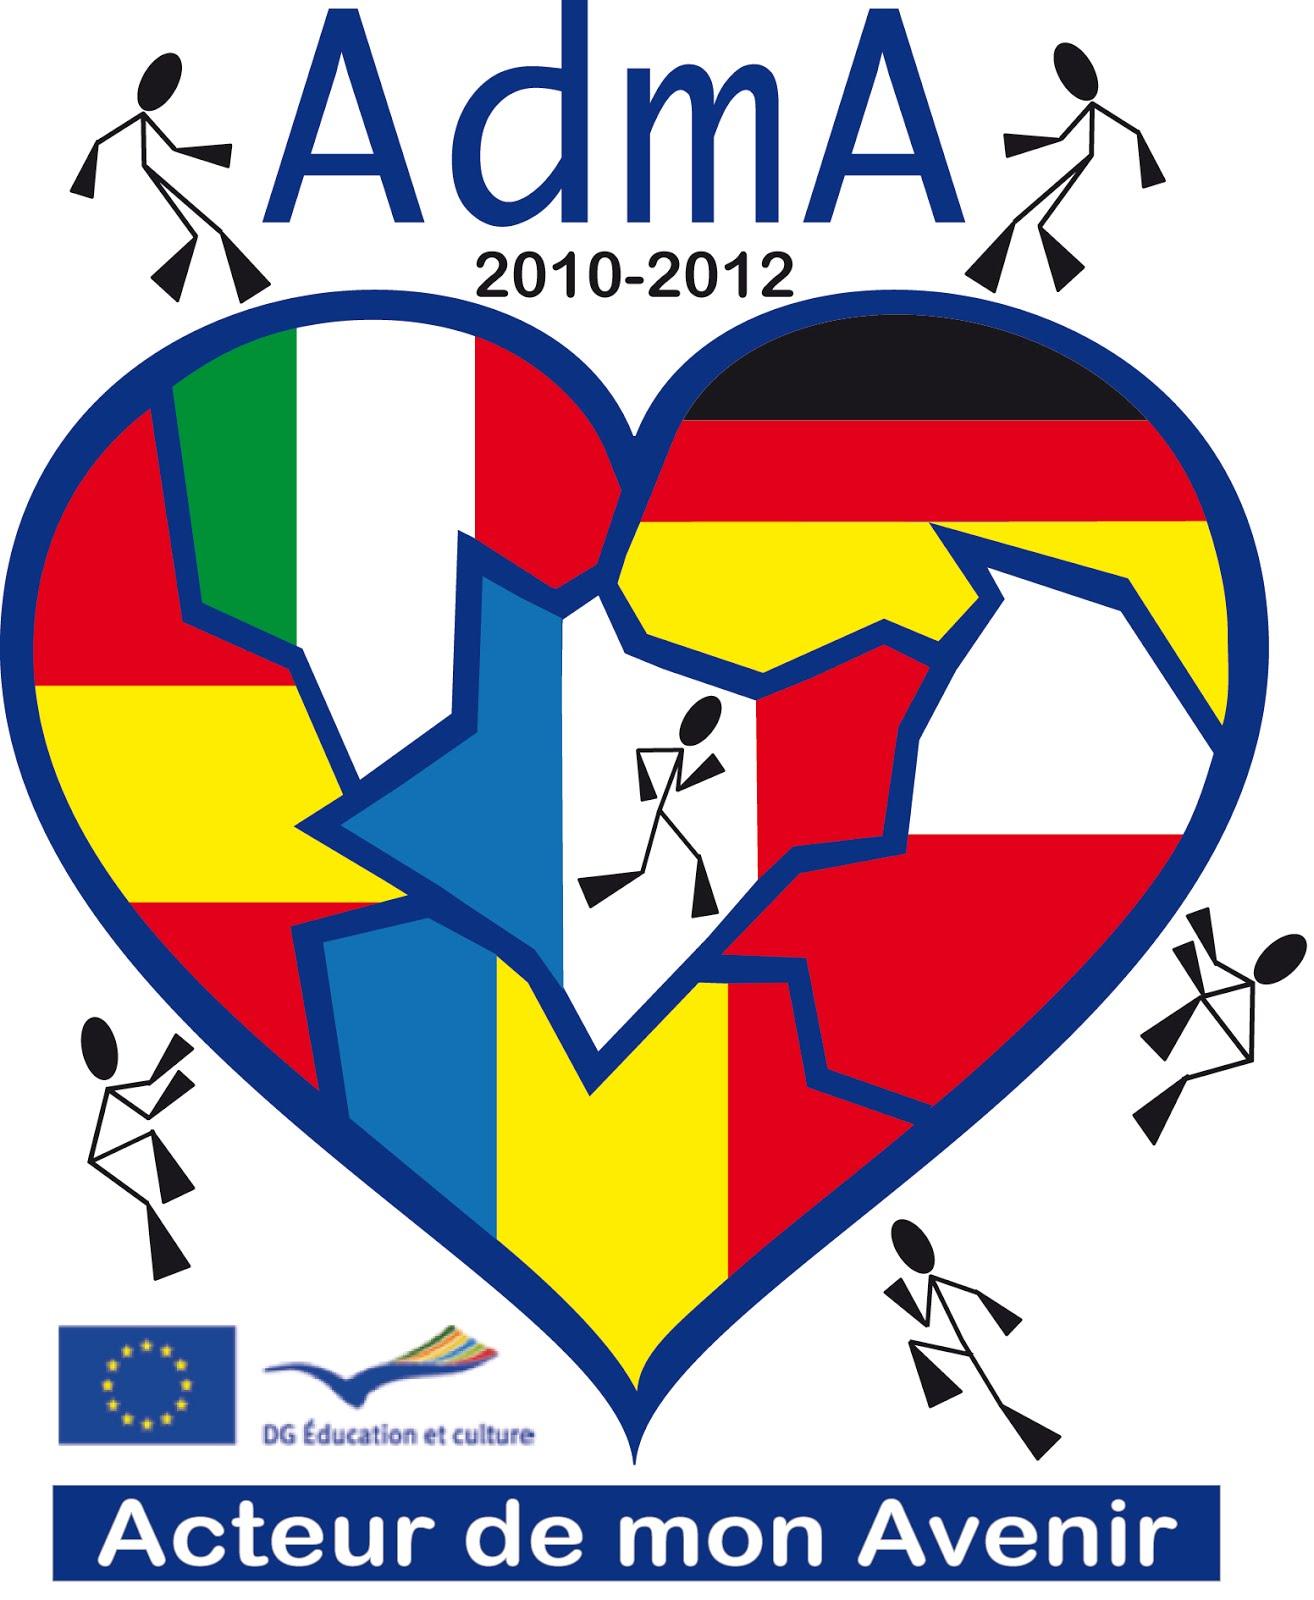 Comenius Adma 2010-12